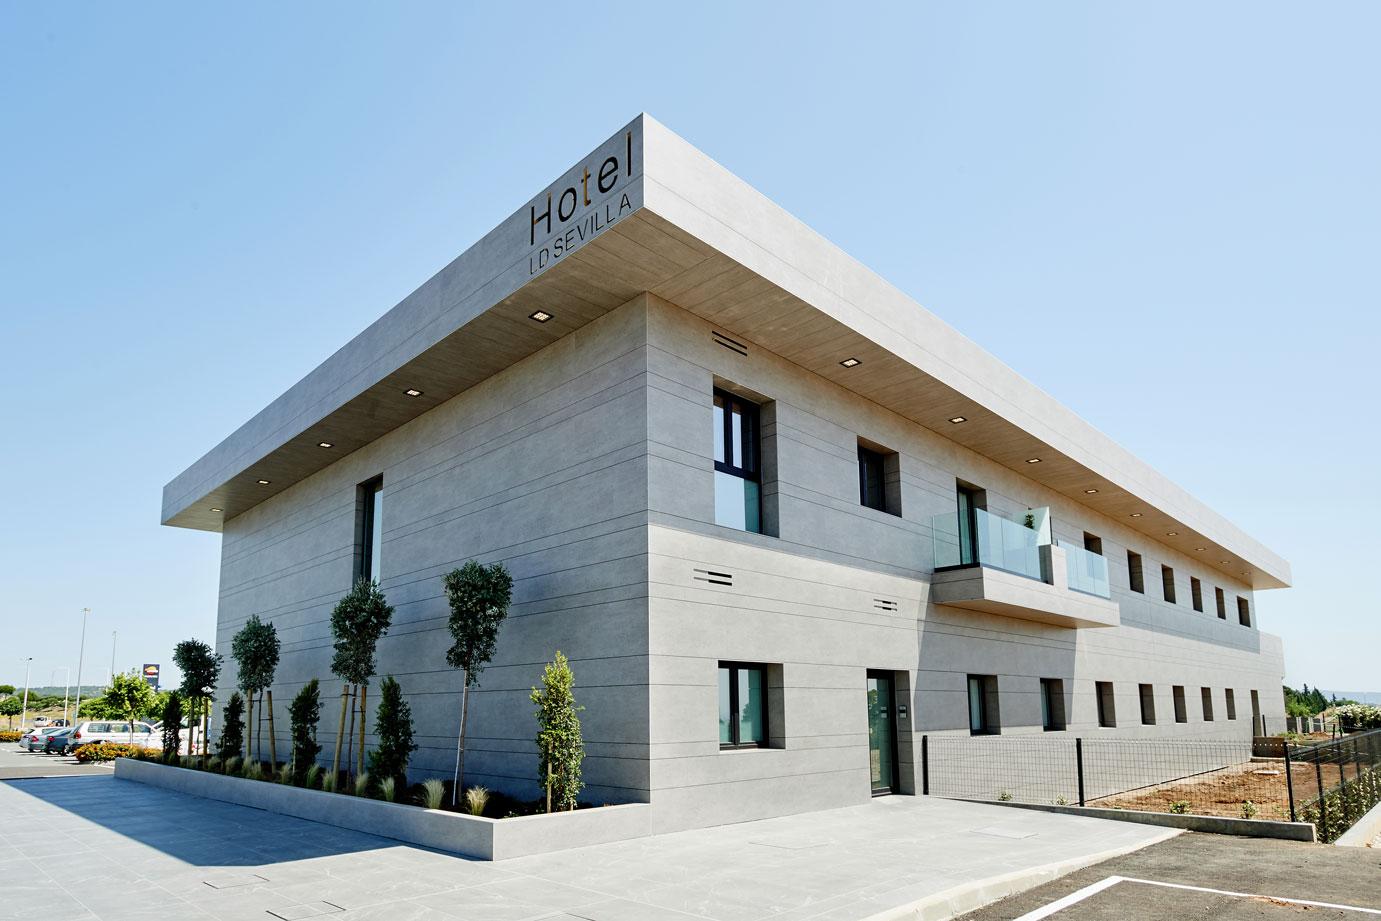 LD Sevilla  - cosentino 186 fachada frontal lateral DSC 0029 36